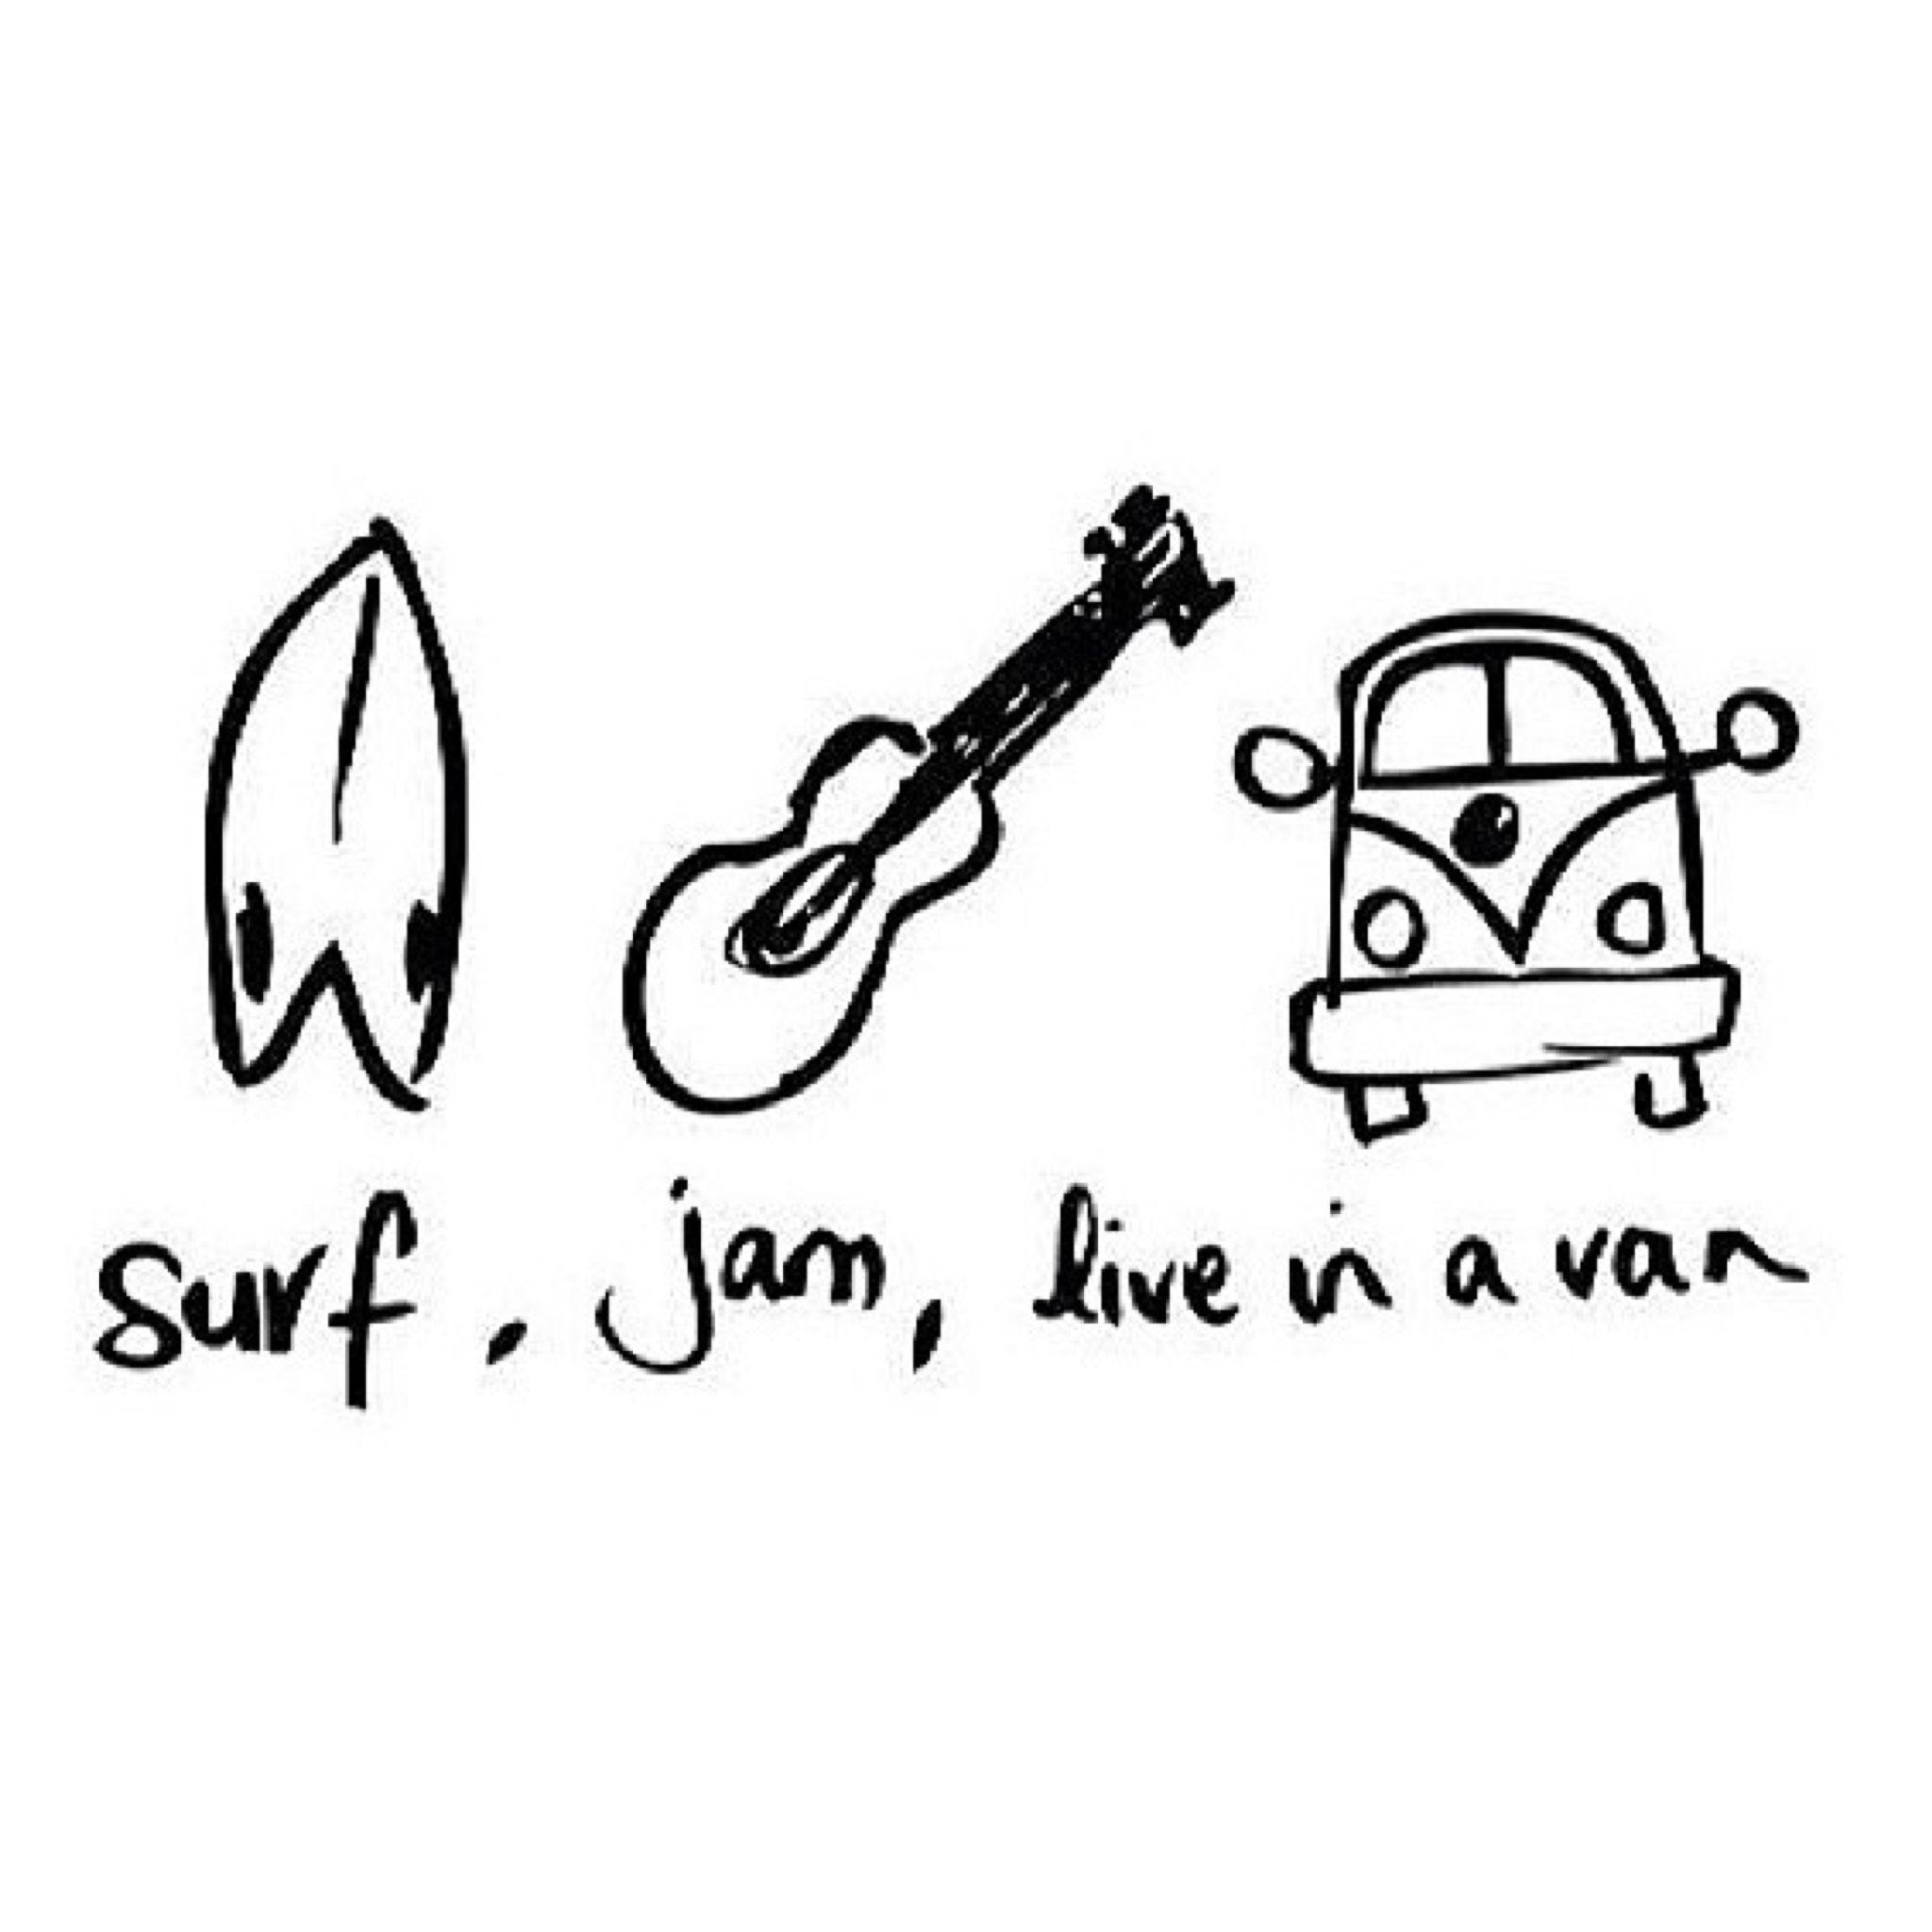 Surf Jam Live In A Van